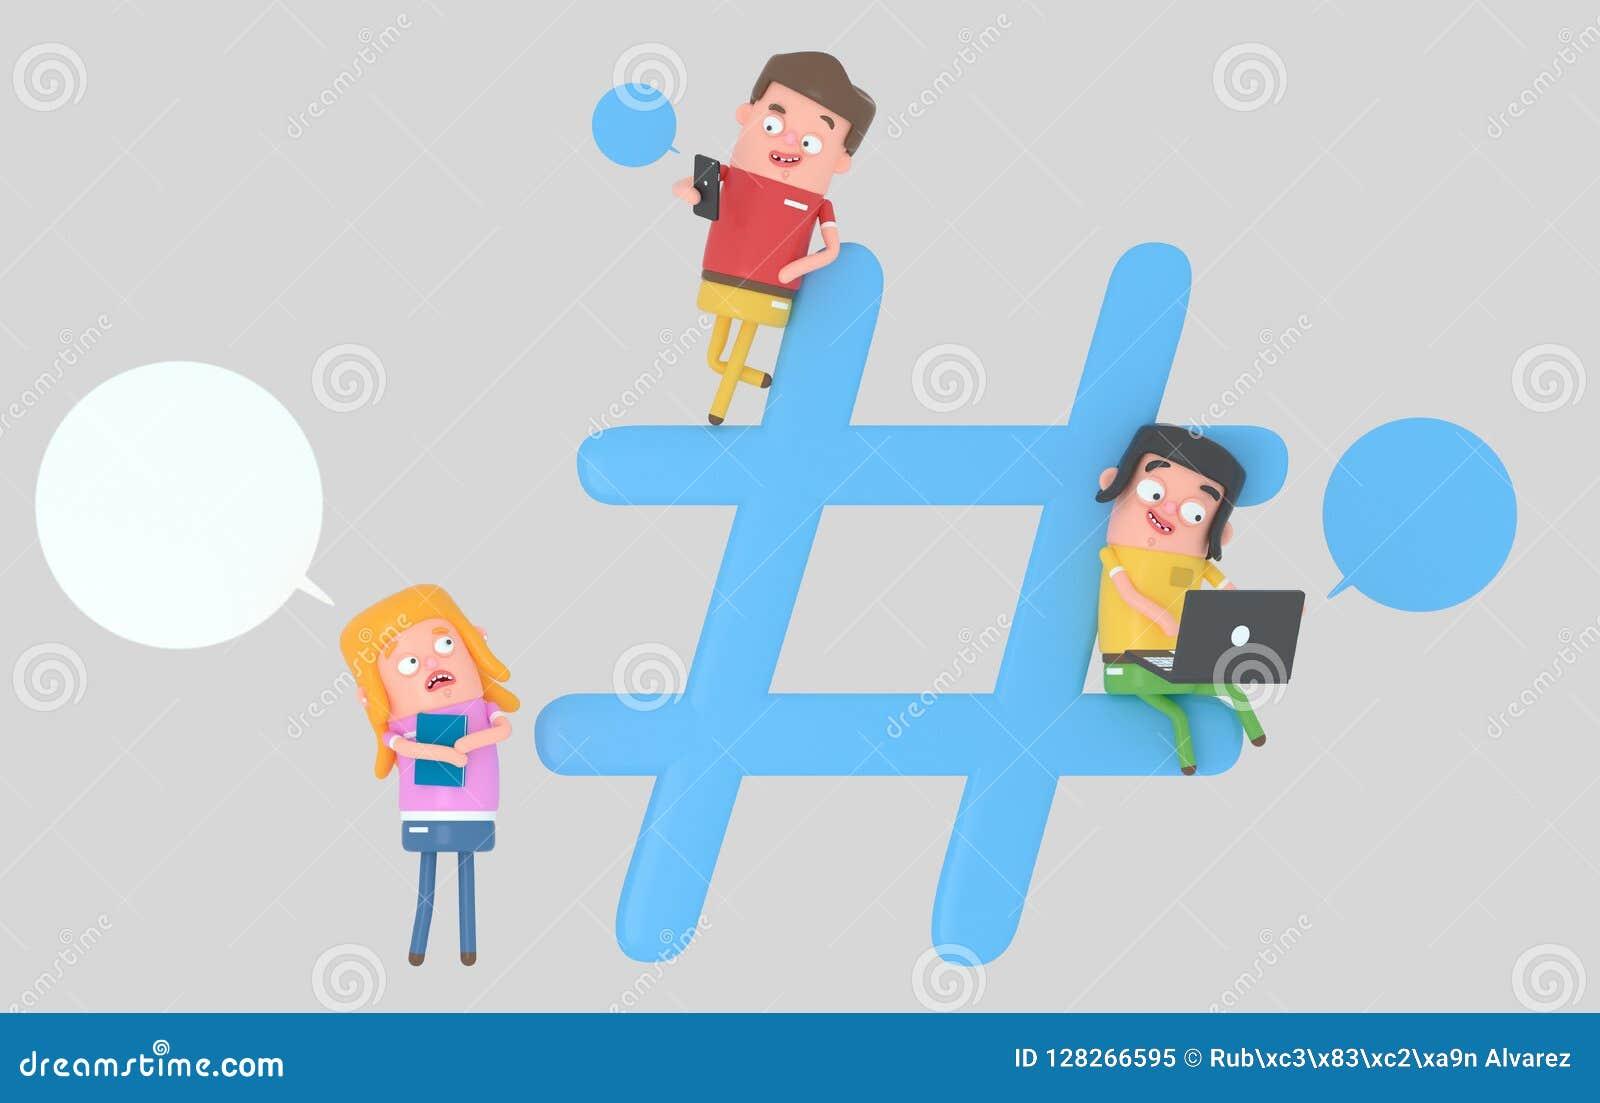 Gente joven sobre símbolo de Internet del hashtag ilustración 3D